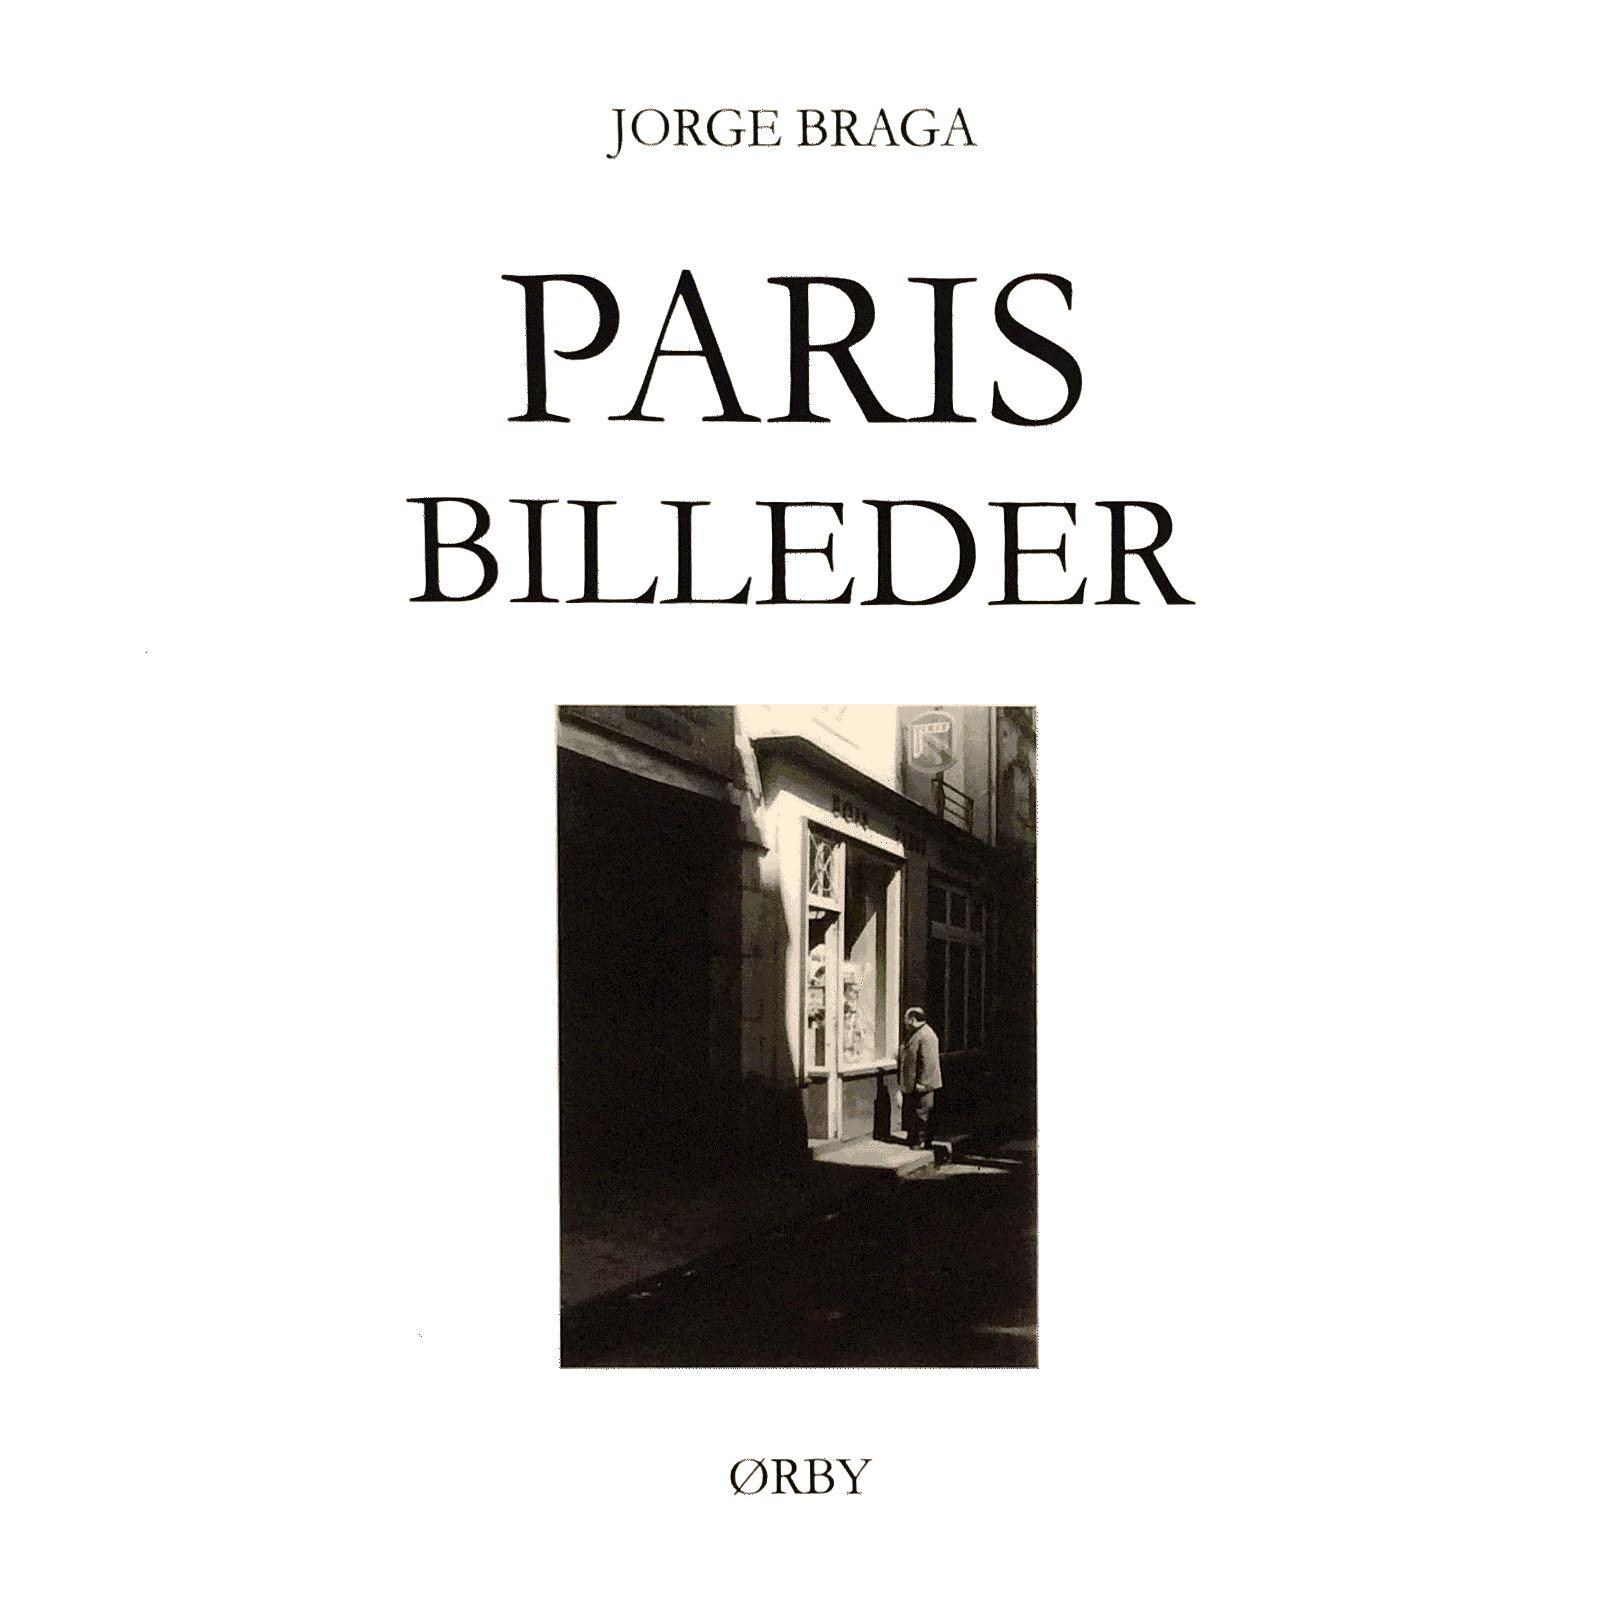 Braga, Jorge. Paris billeder